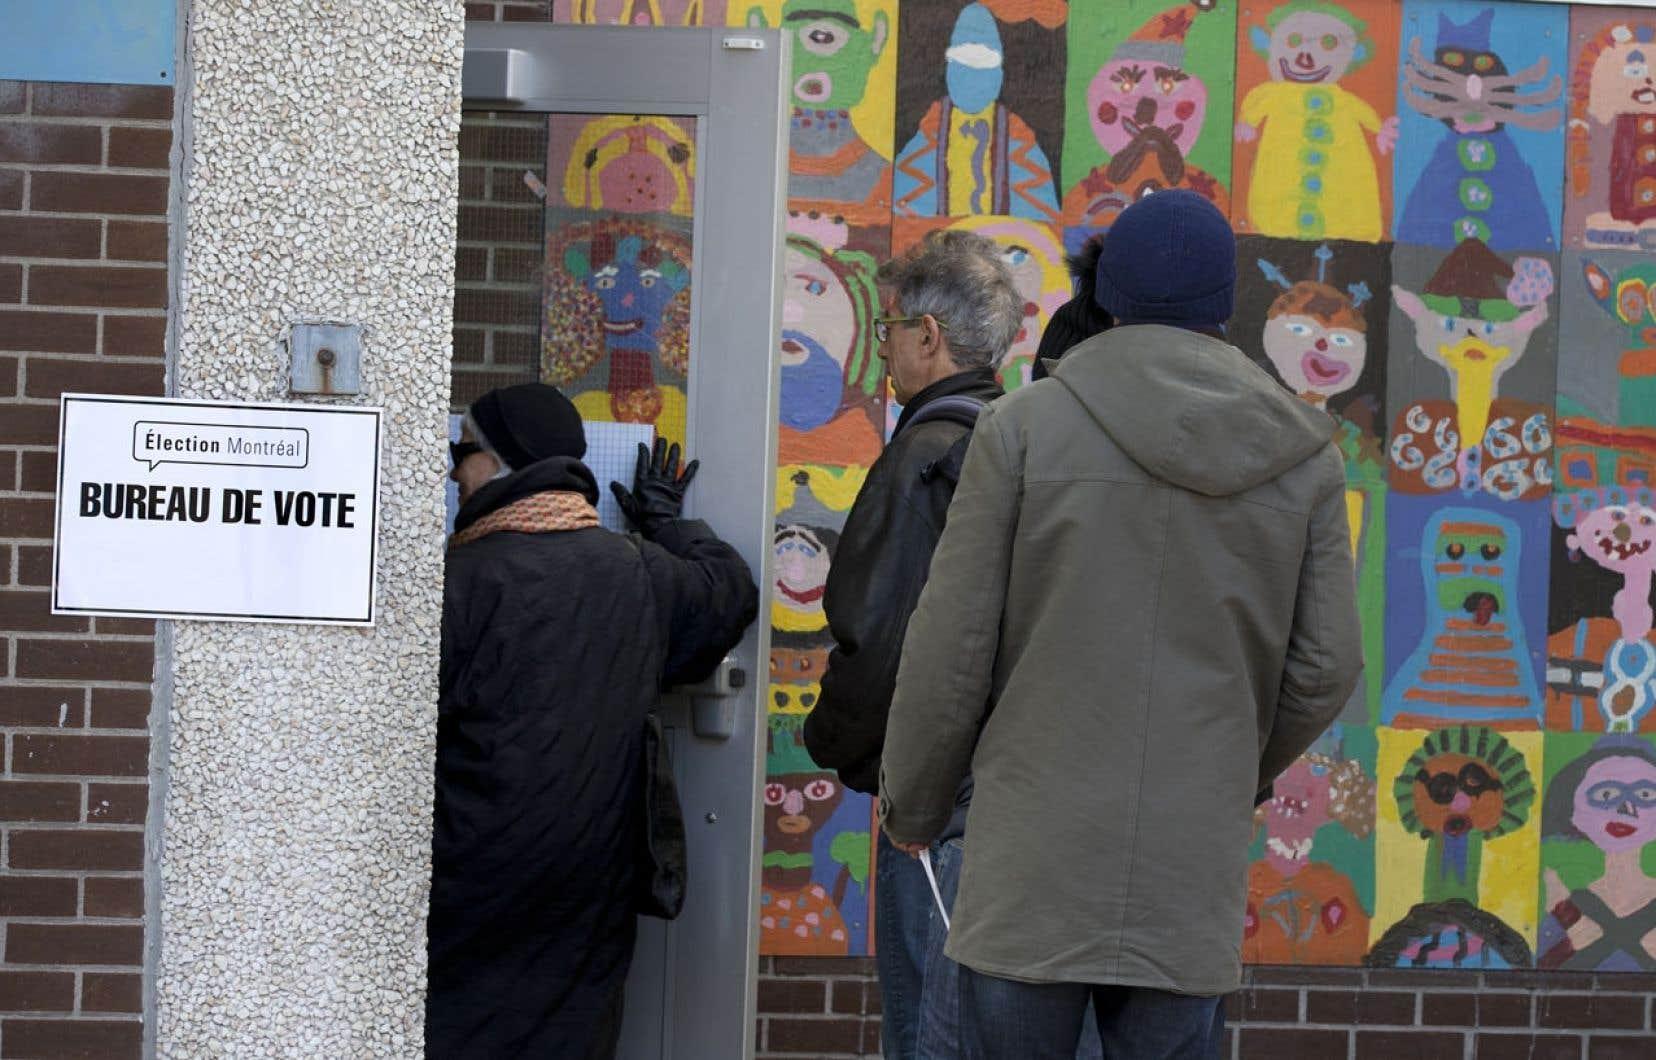 En connaissant les «résultats» probables d'une élection, les électeurs auraient ainsi tendance à voter «stratégique» plutôt que de voter selon leurs convictions. Ce qui est un non-sens en démocratie.